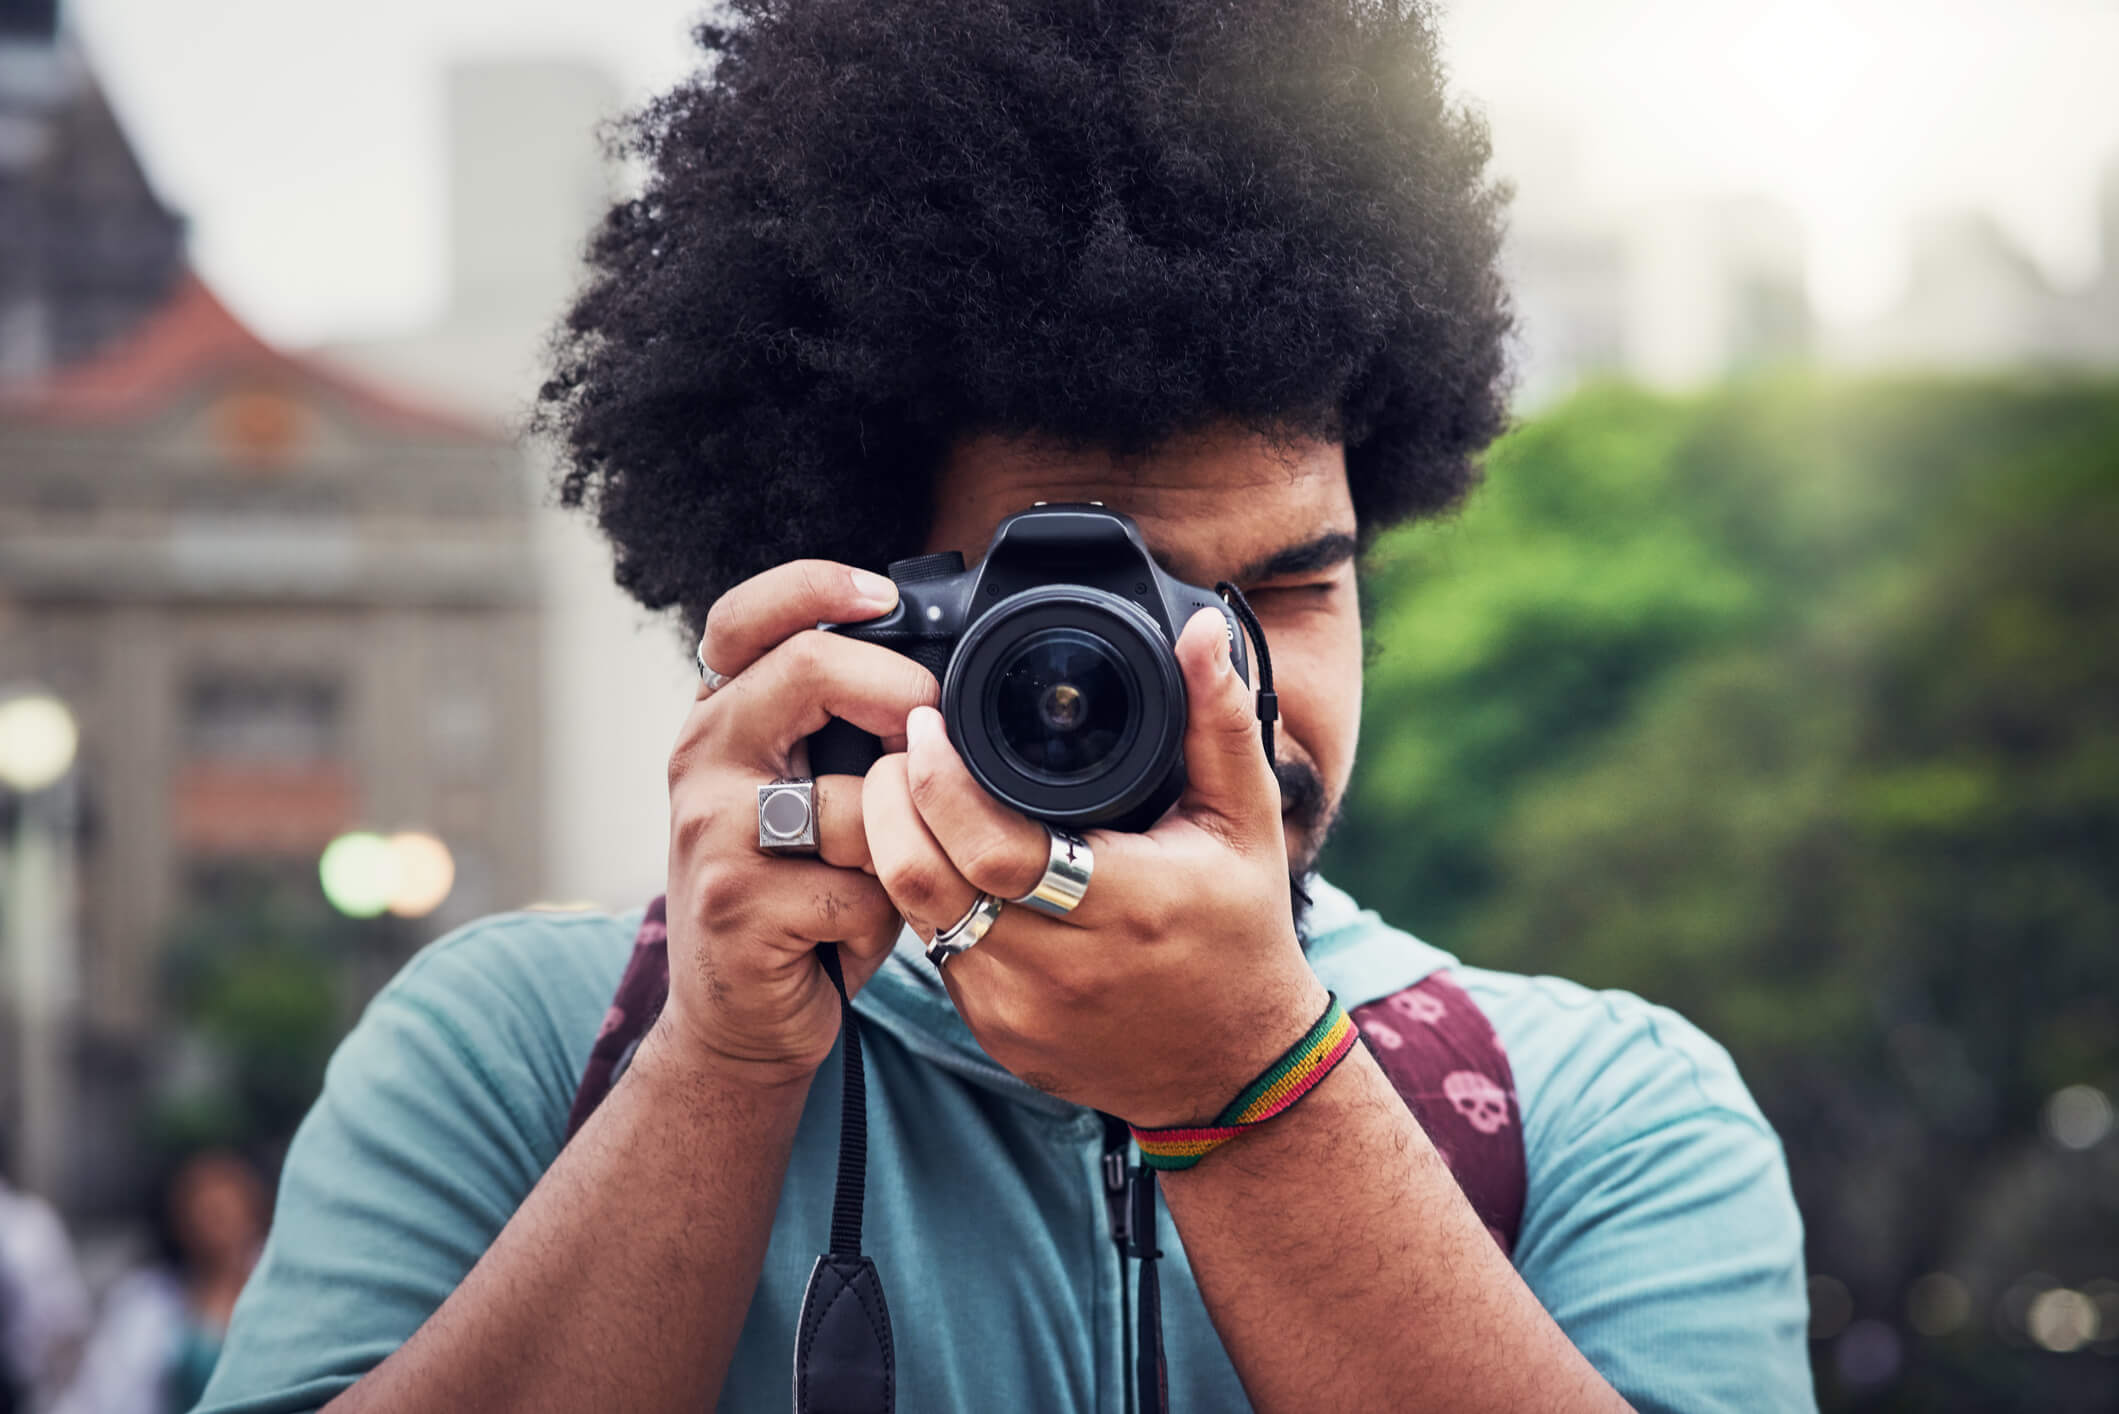 Curso de fotografia: como funciona e por que investir